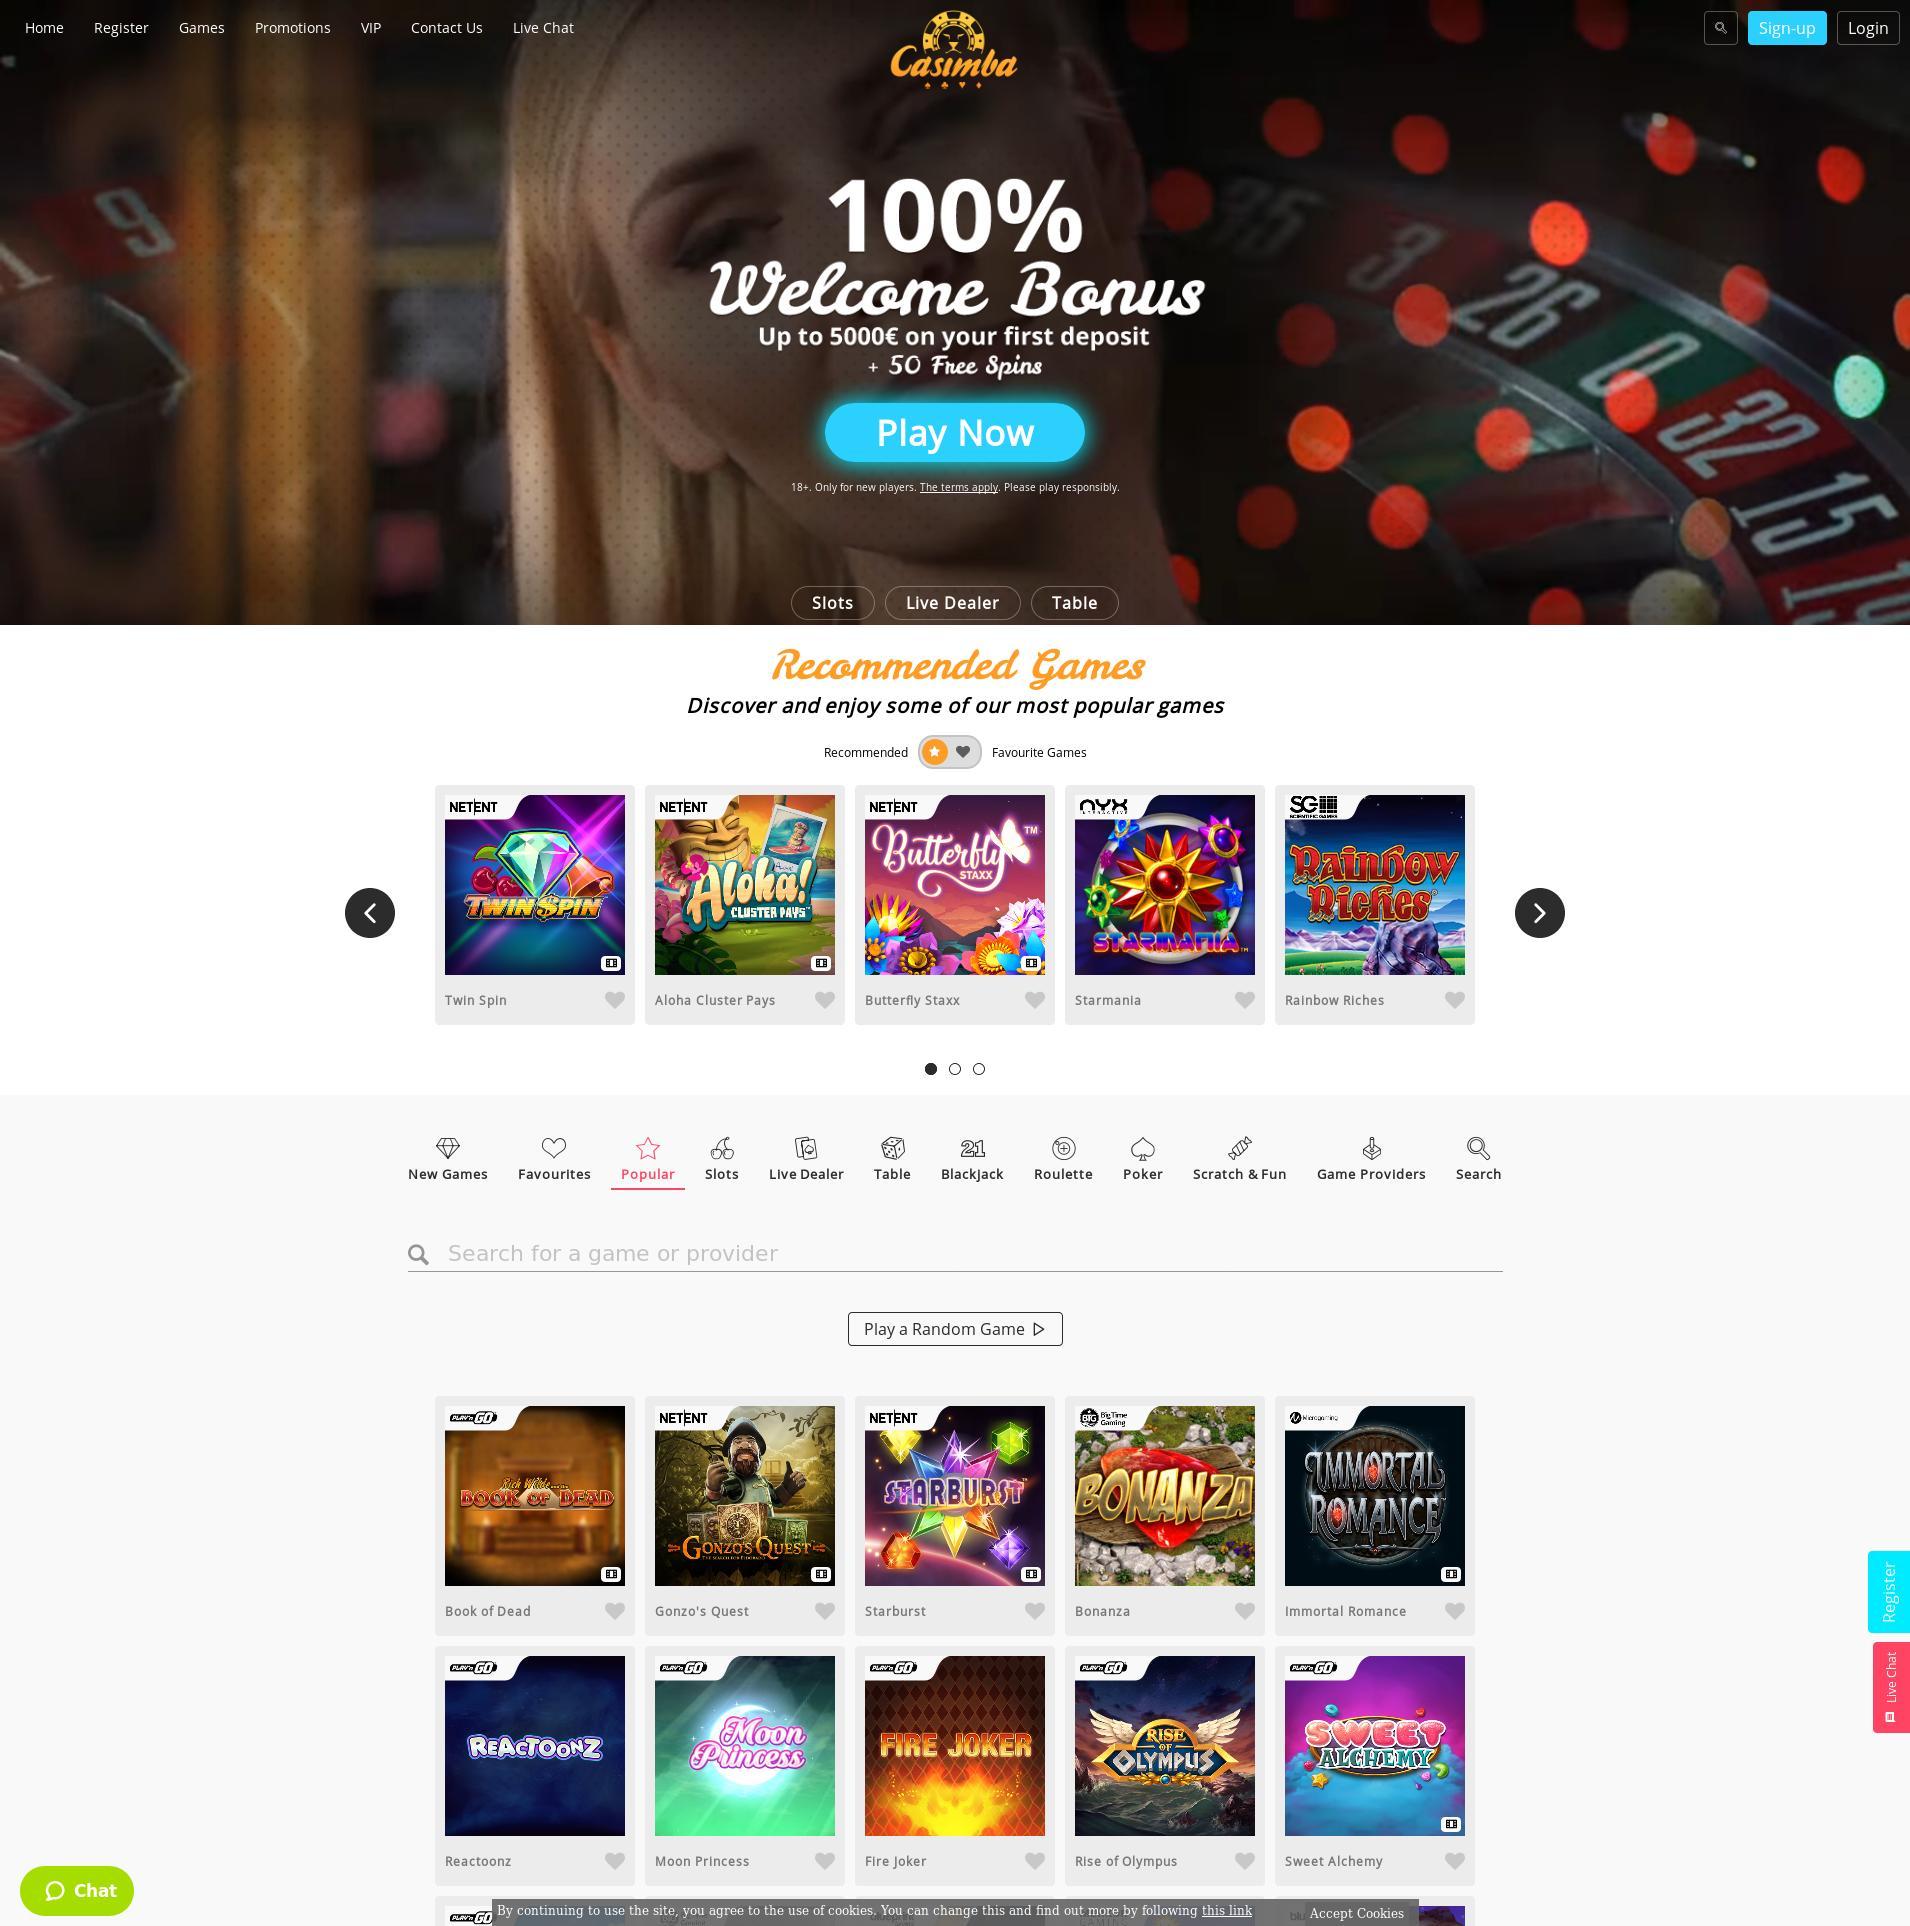 Casino-näyttö Lobby 2020-01-28 varten Suomi